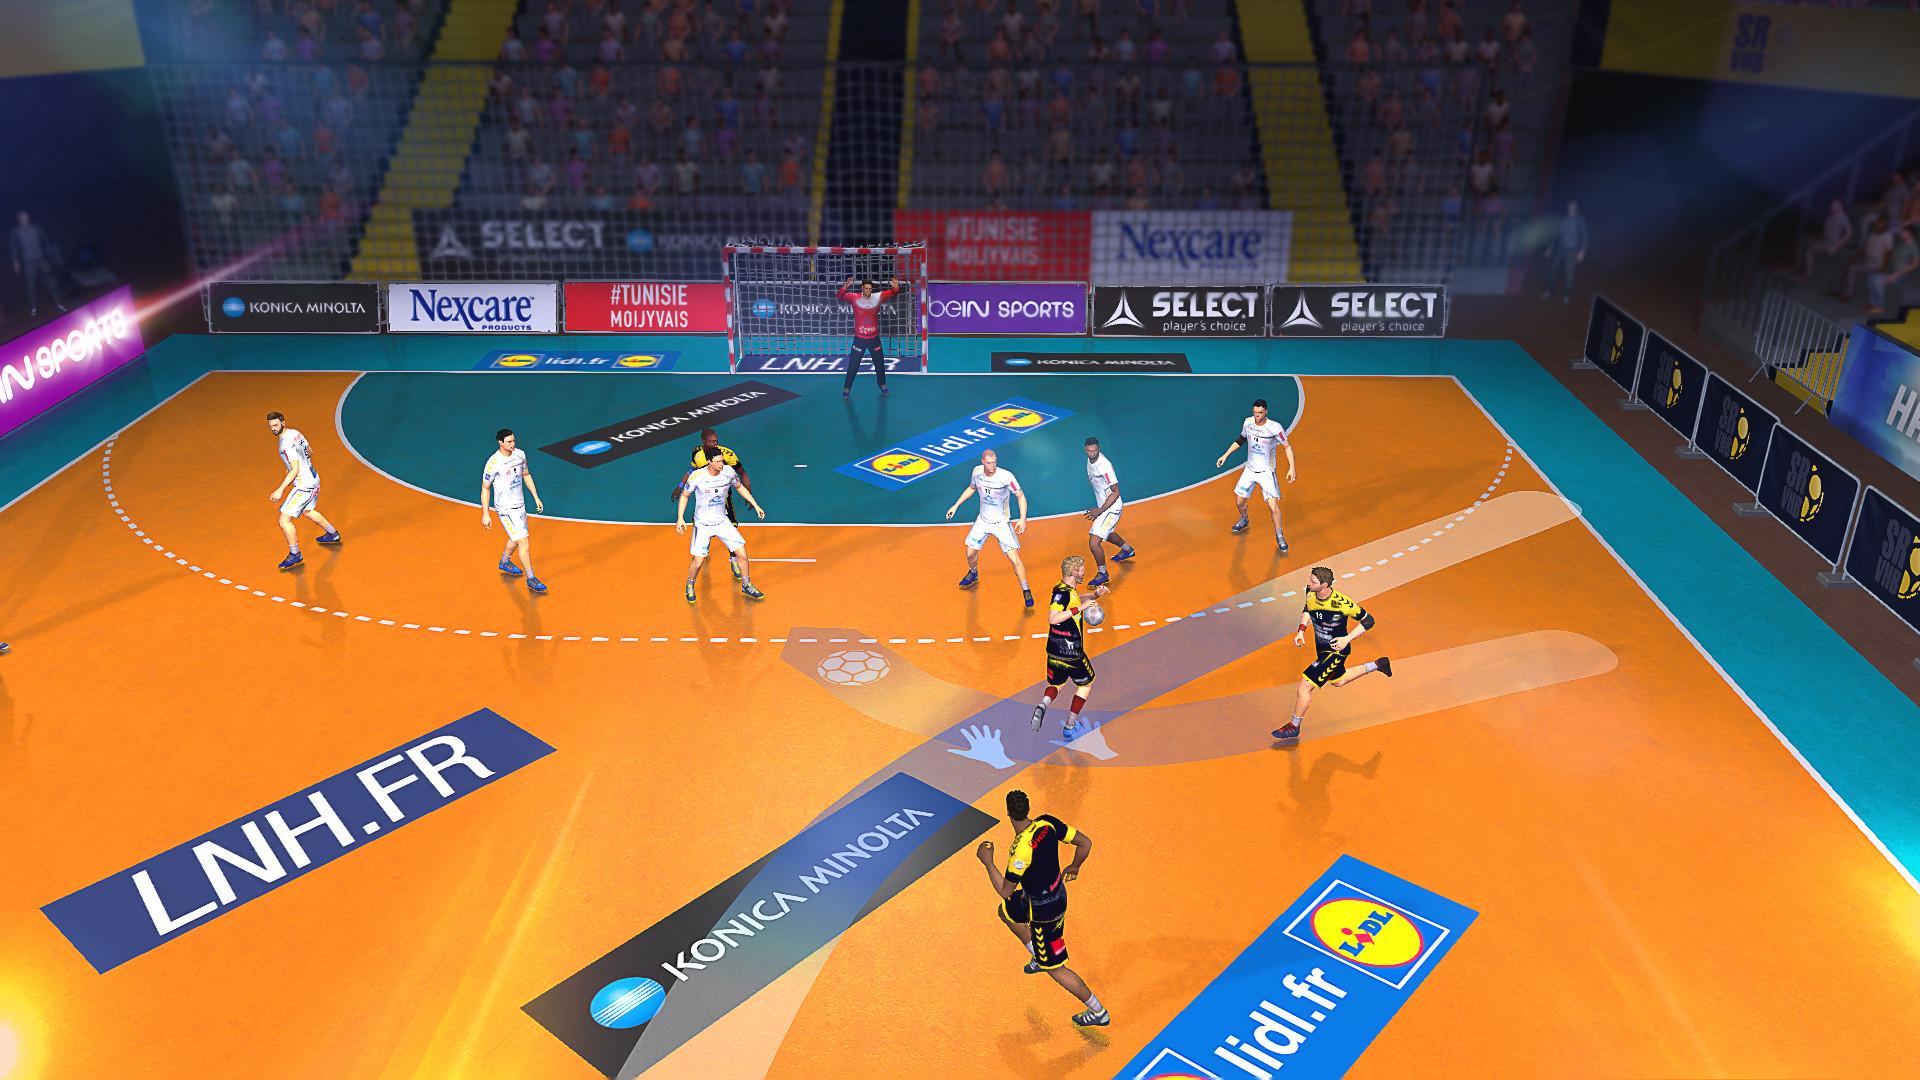 Handball 16 image 2